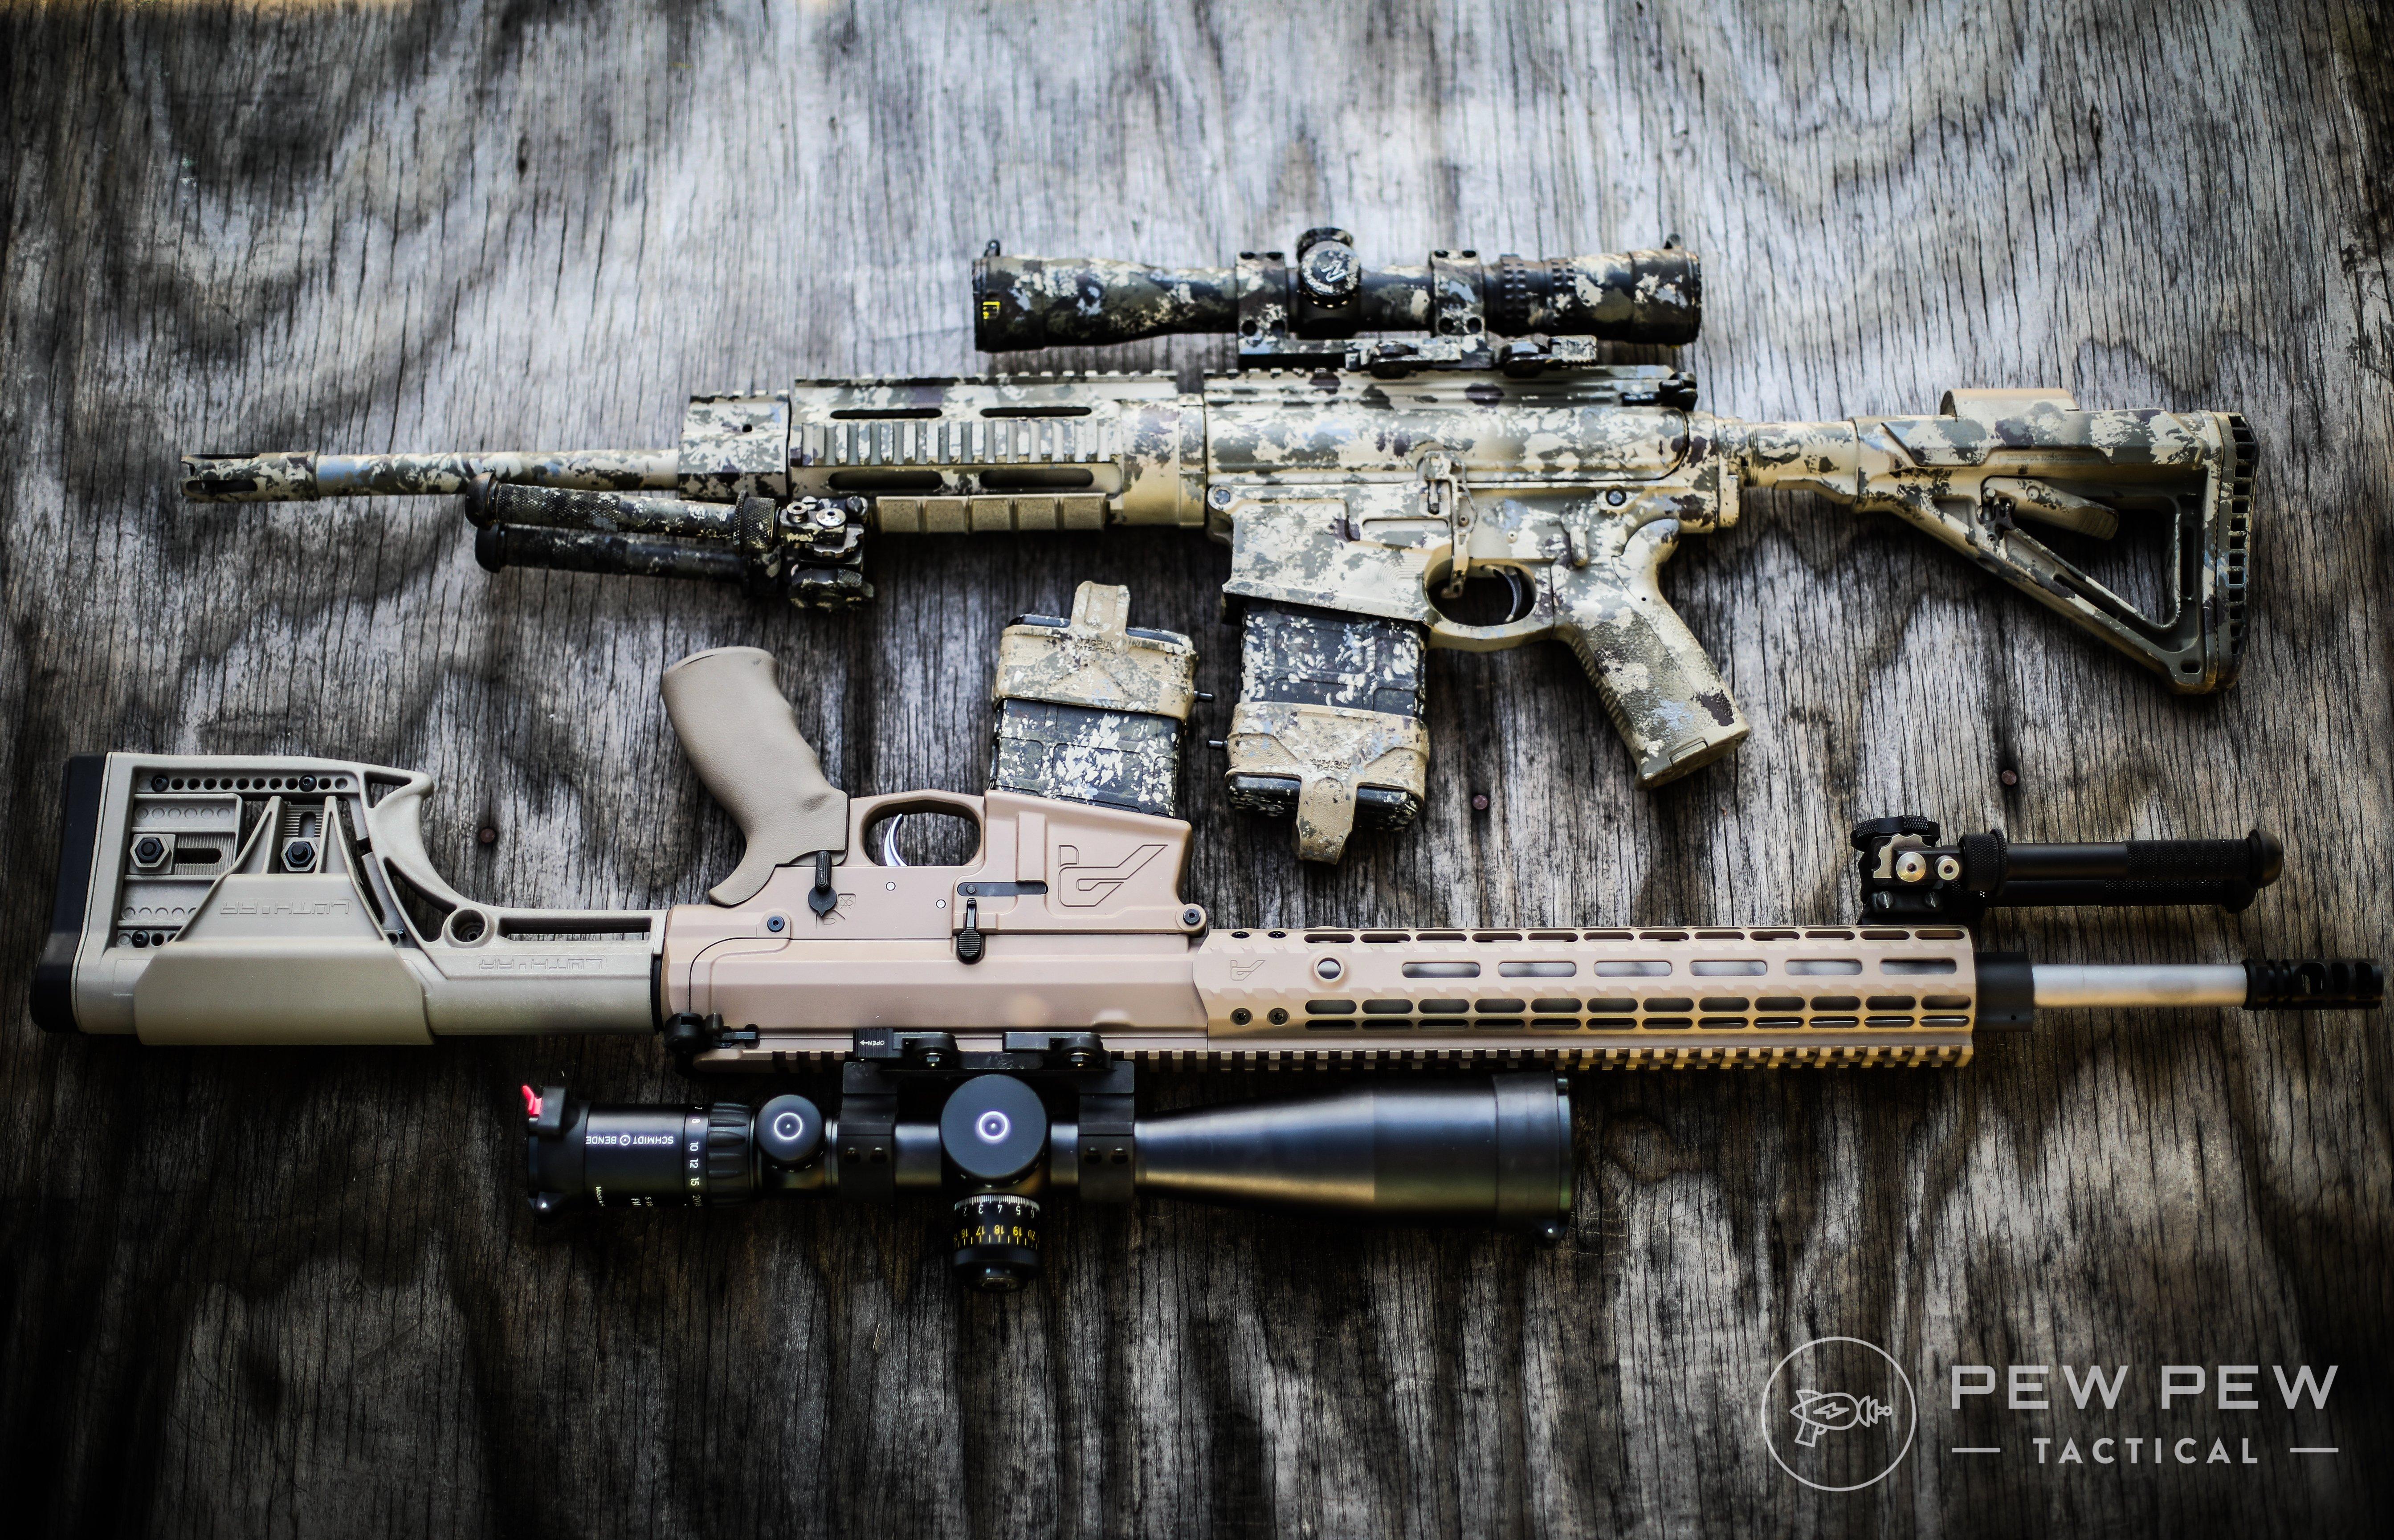 7 Best AR-10 Barrels [2019]: Our Fav Models For Builds - Pew